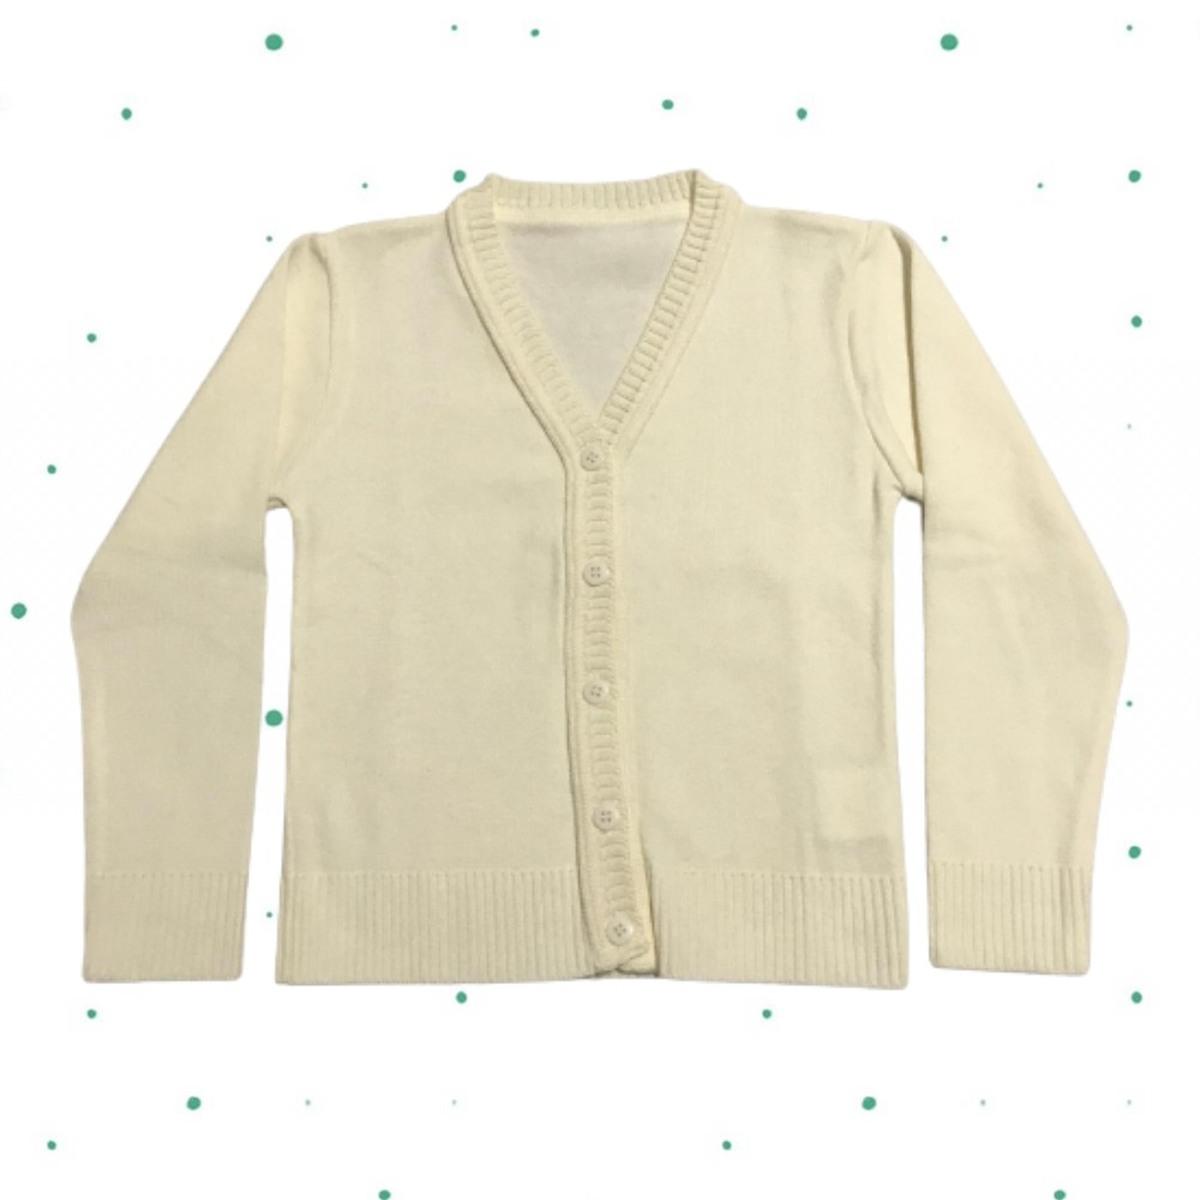 Cardigan de Tricô Infantil Básico c/ botões- Creme/Off White